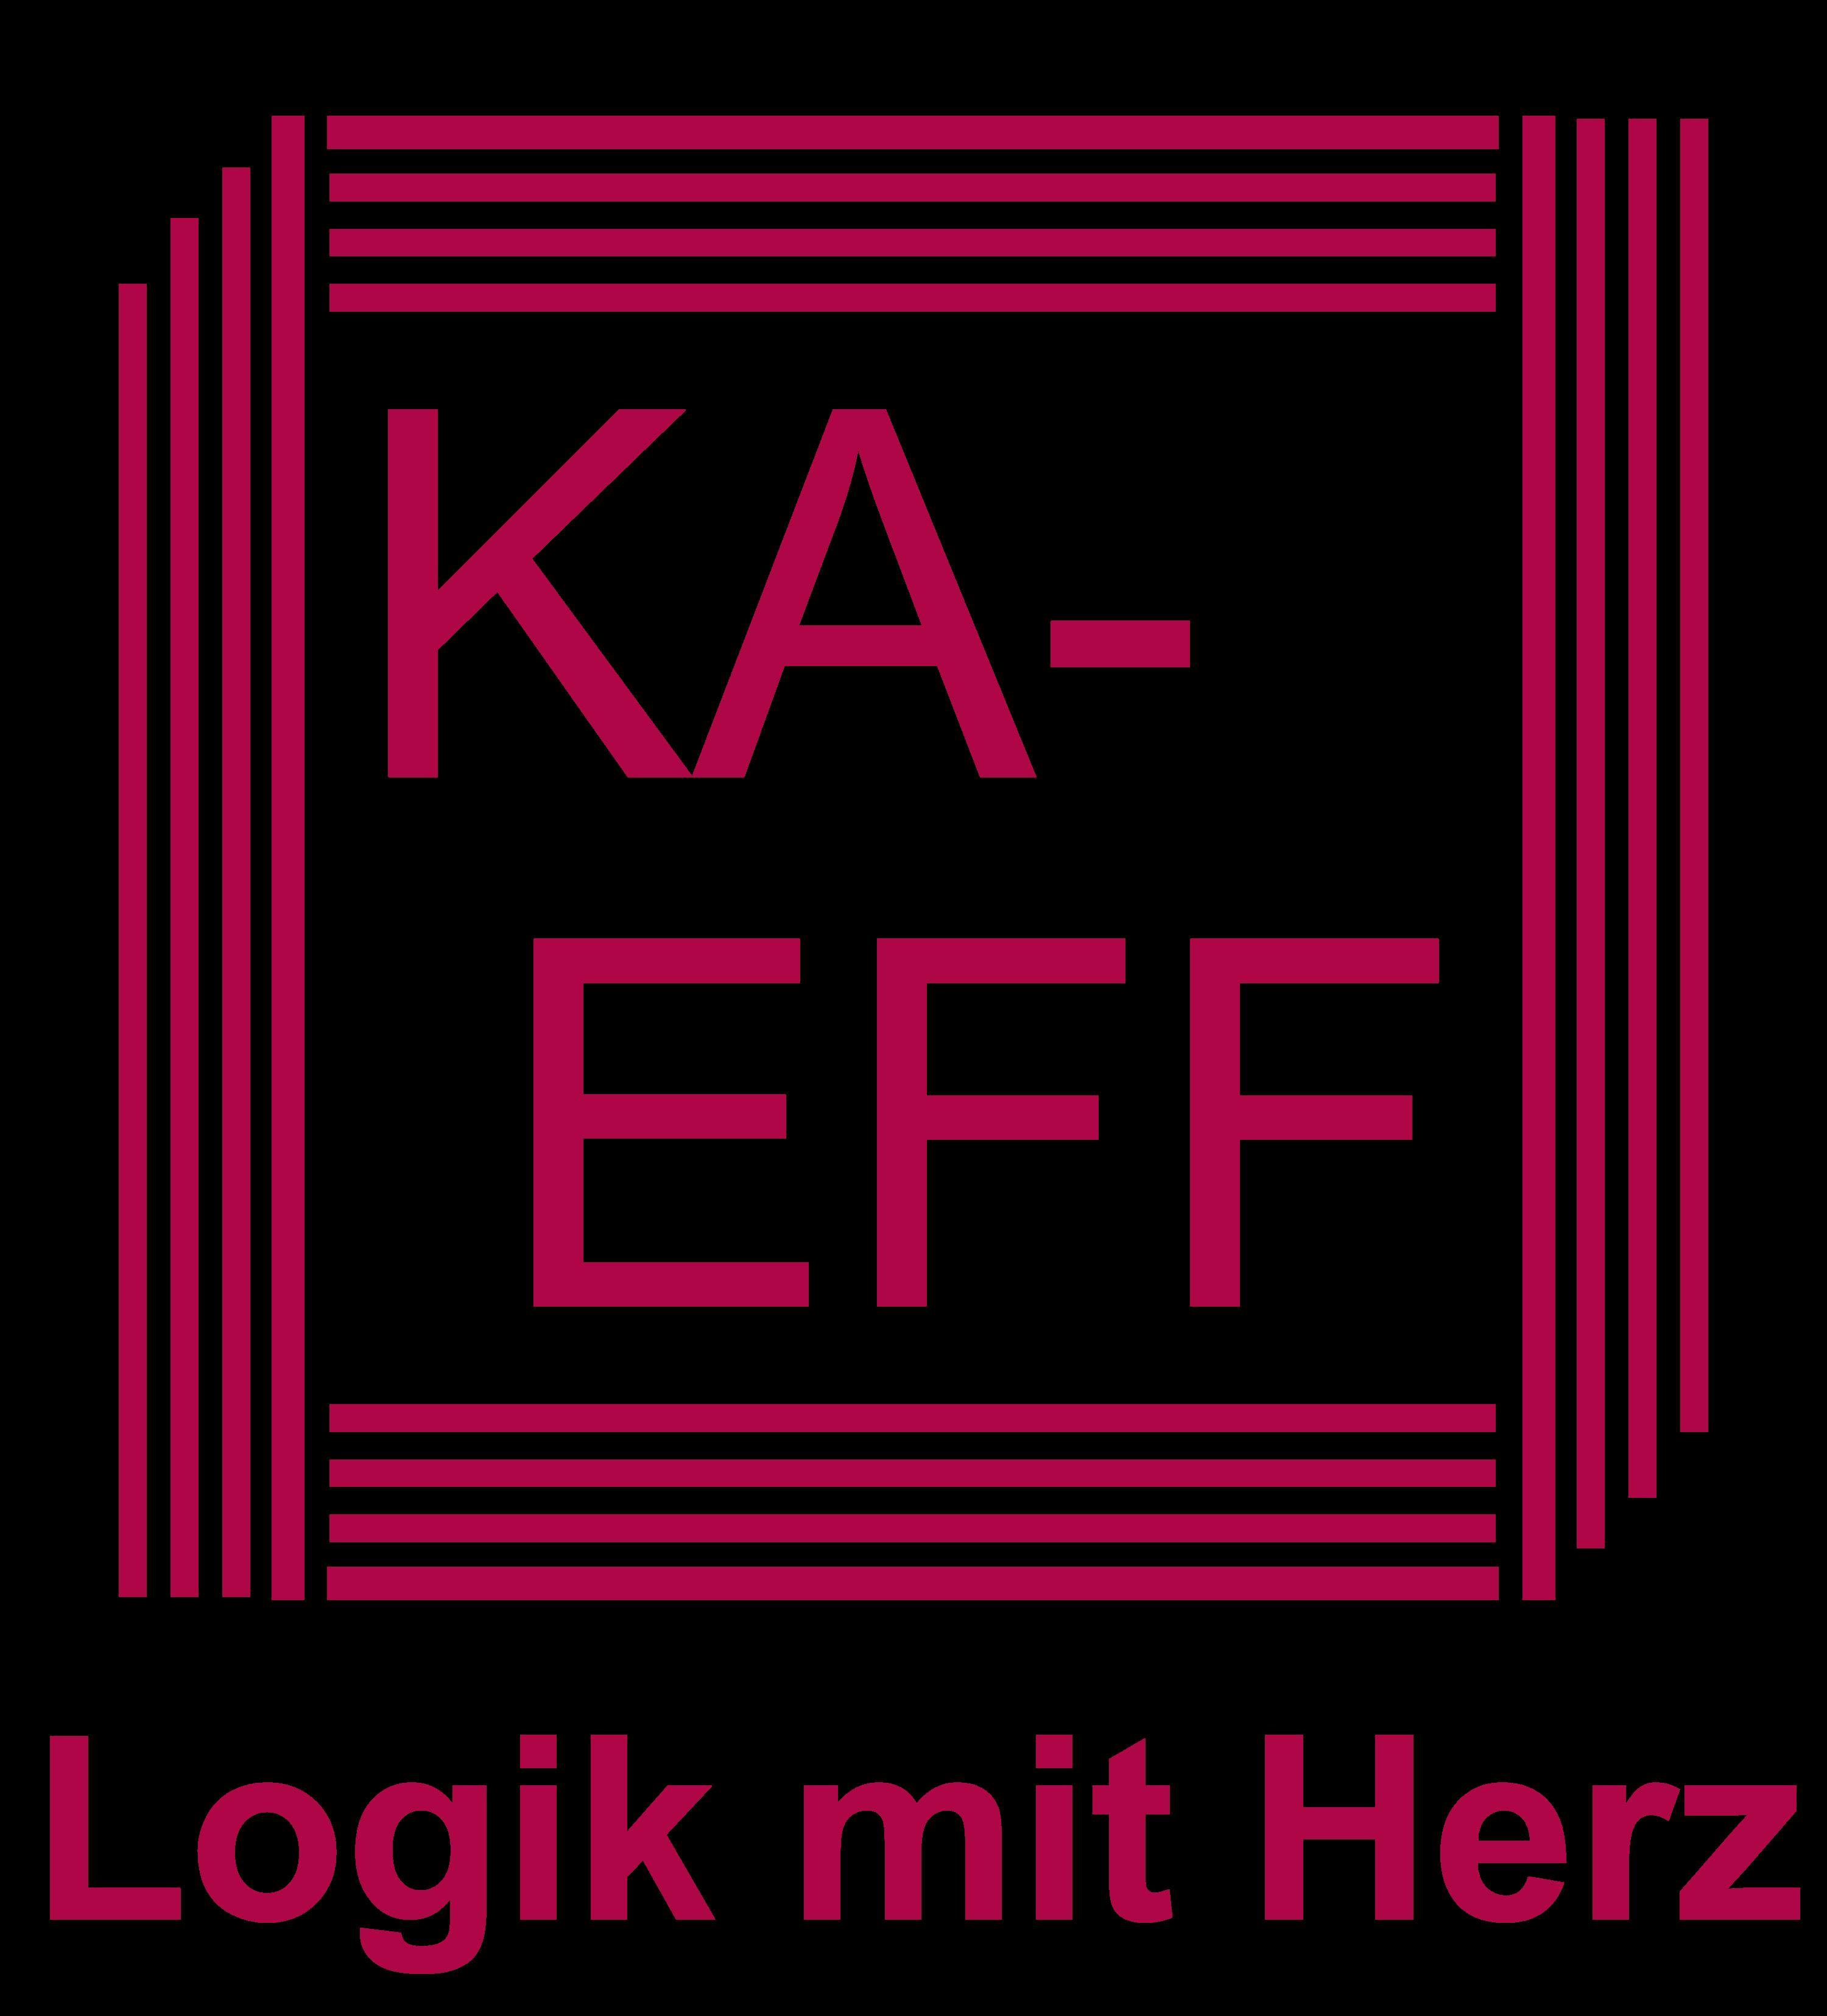 KA-EFF Köhler-Franke GmbH